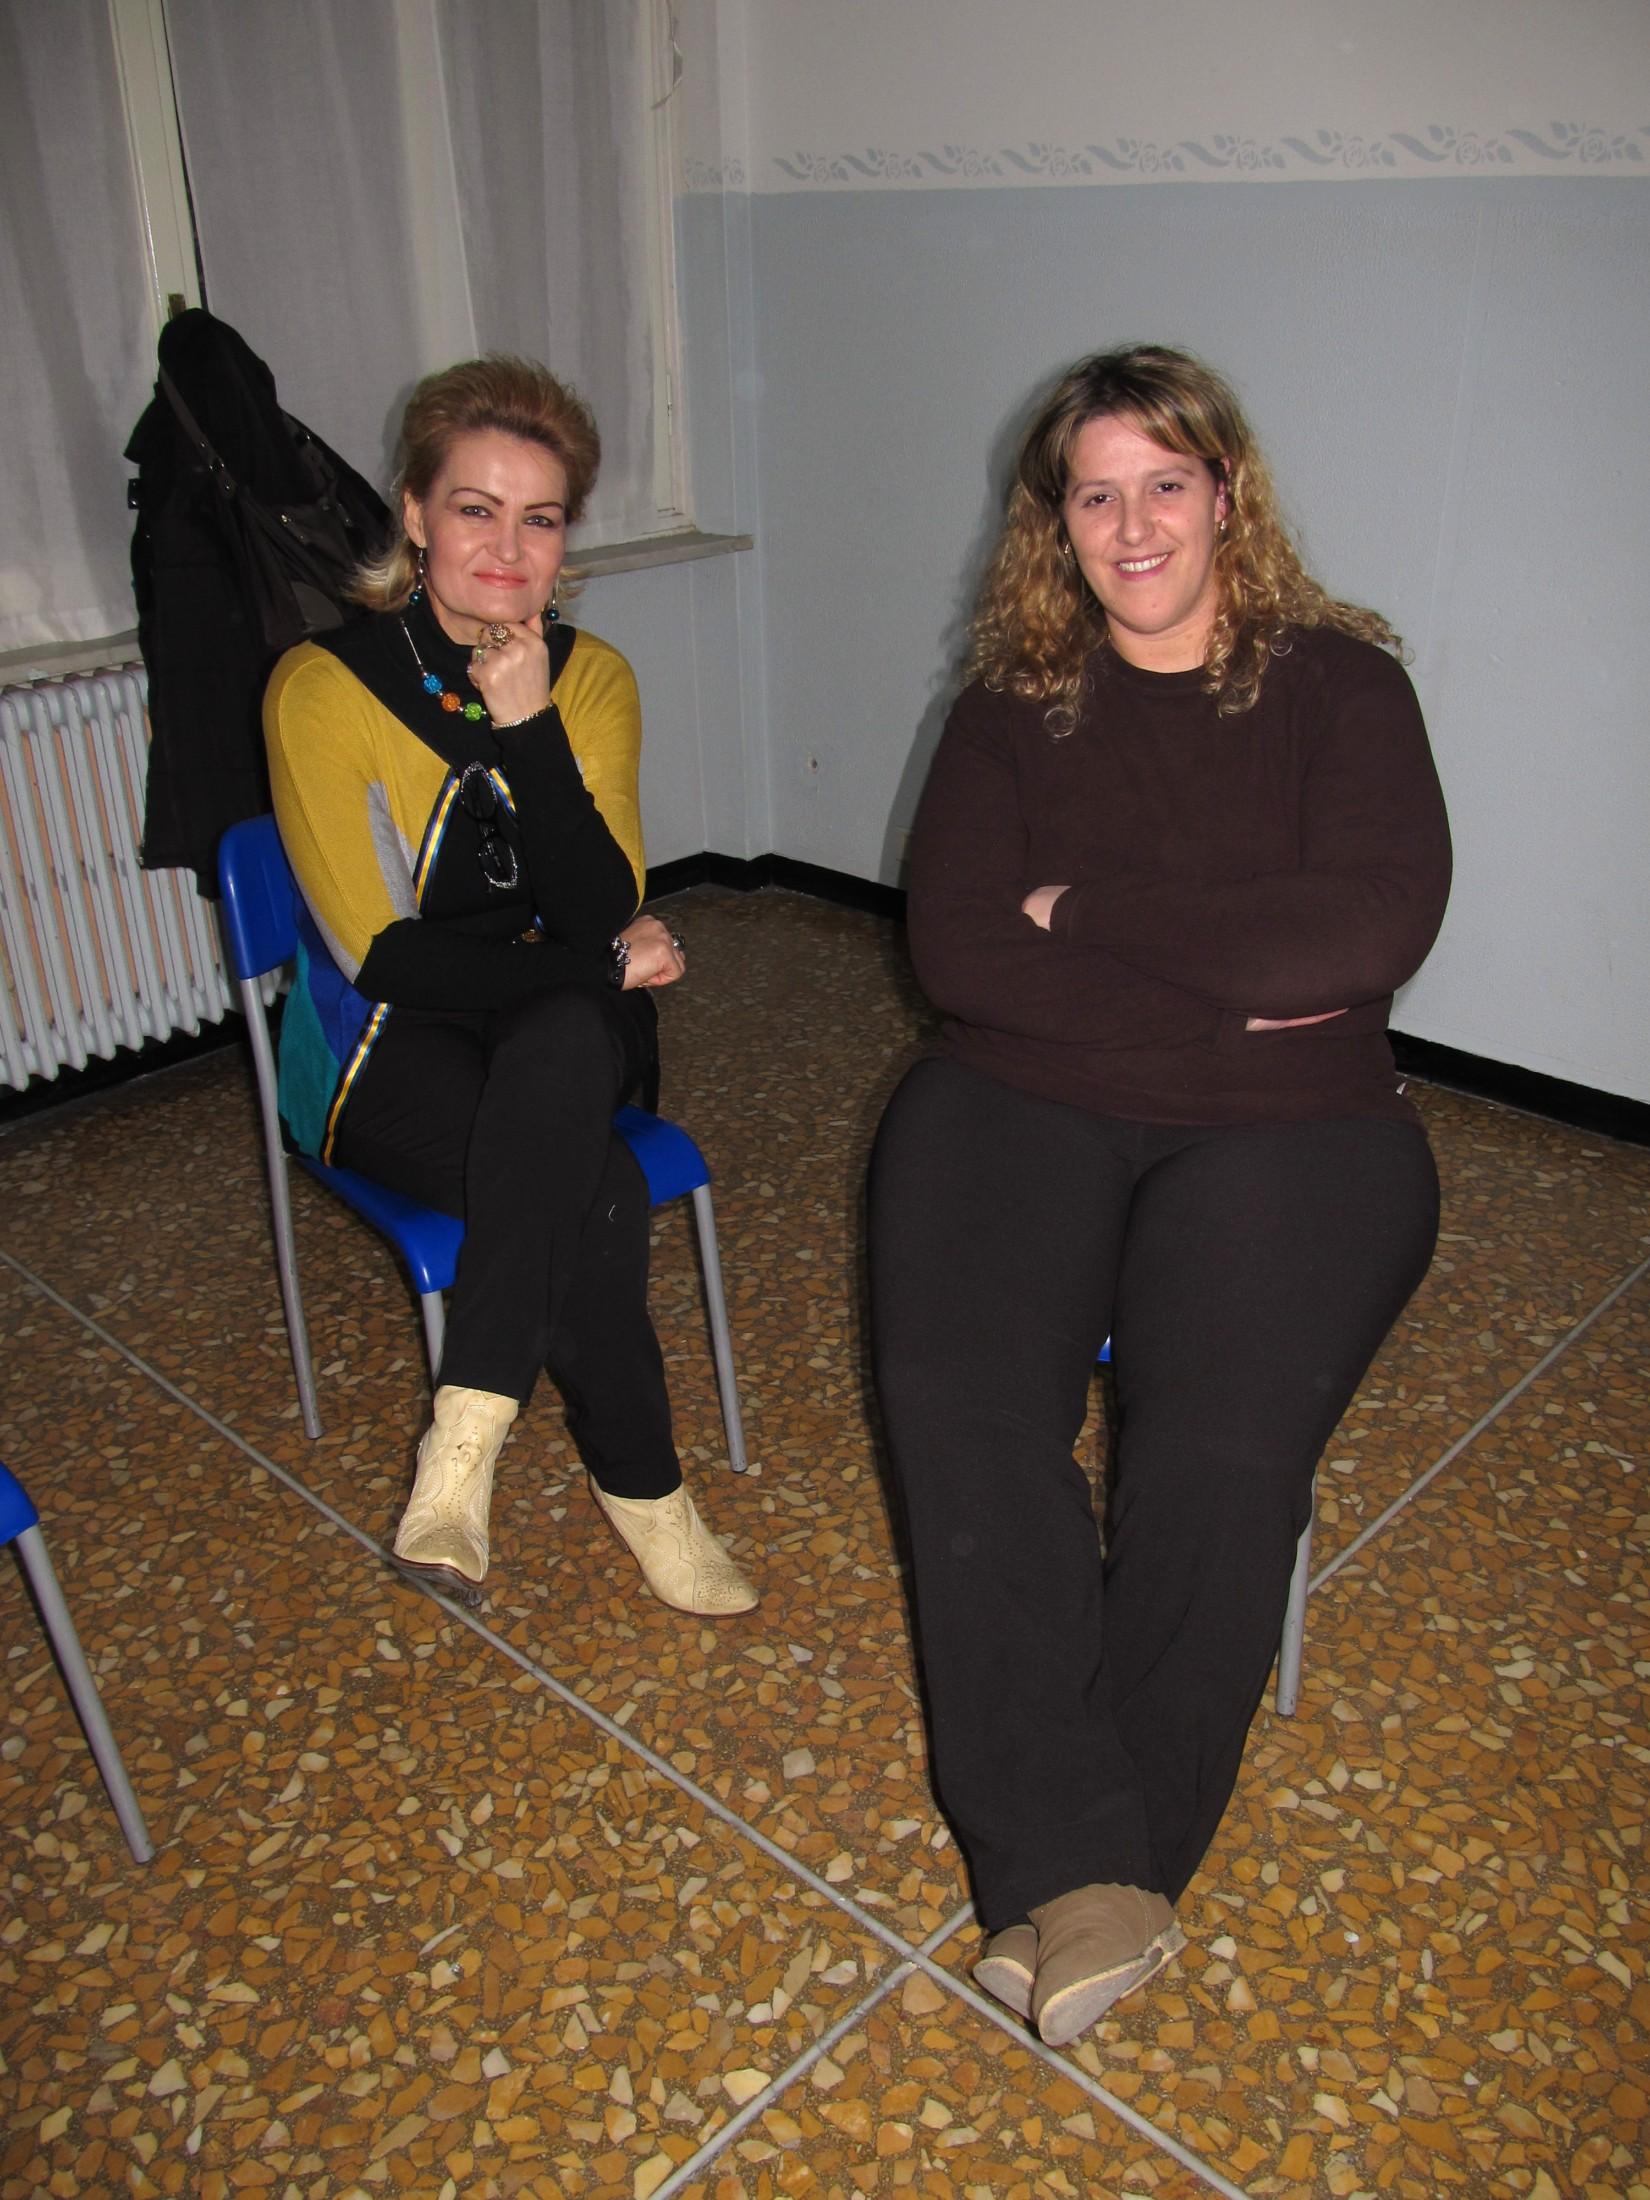 festa_battesimo_gesu_2014-01-26-16-45-18